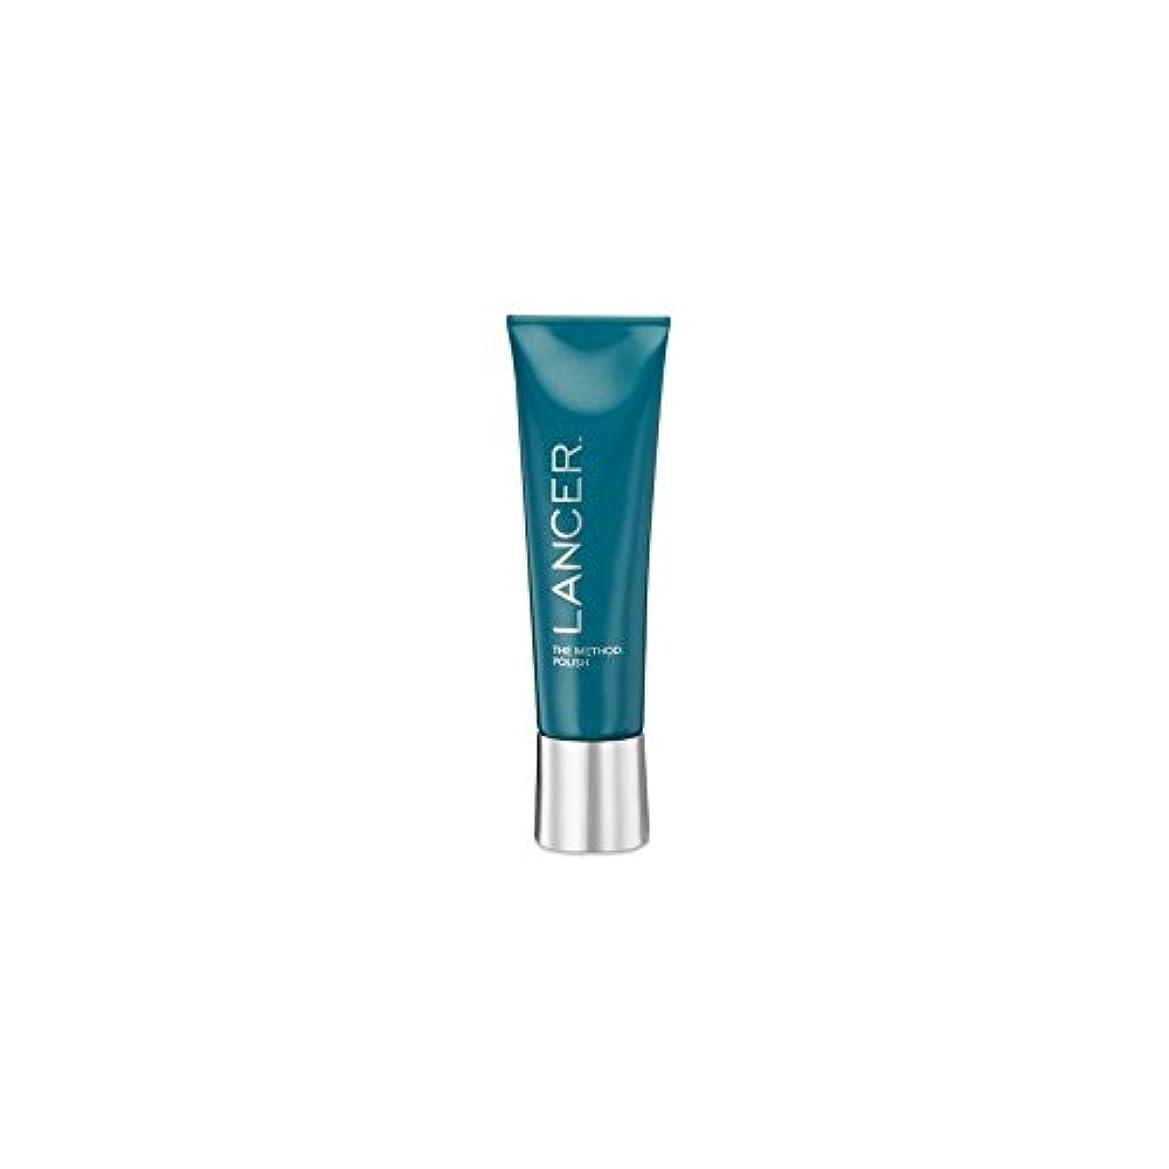 追加する準拠区別するLancer Skincare The Method: Polish (120G) - ポリッシュ(120グラム):ランサーは、メソッドをスキンケア [並行輸入品]